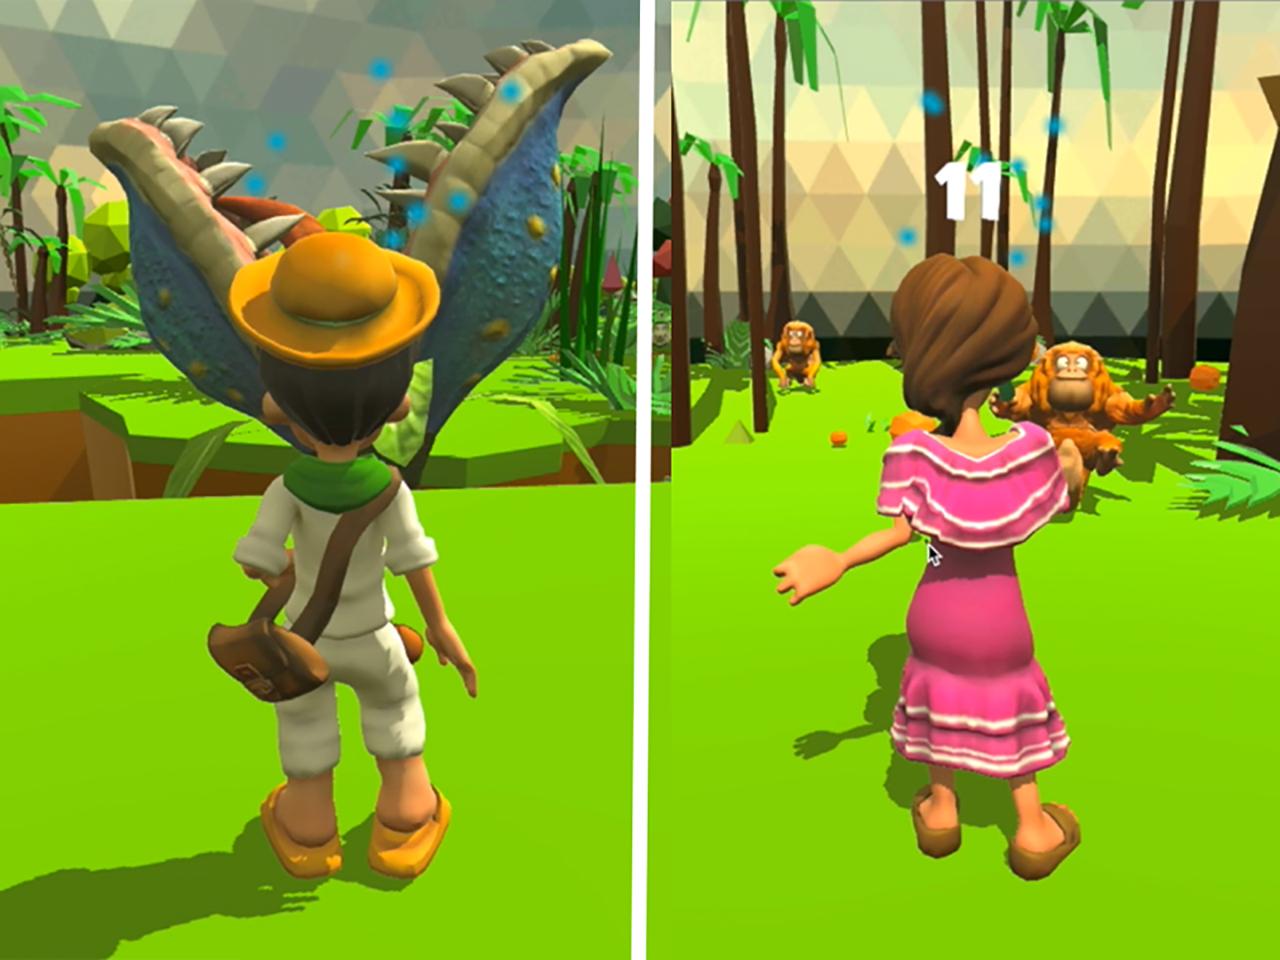 Mi Tierra (Game Design/Development)